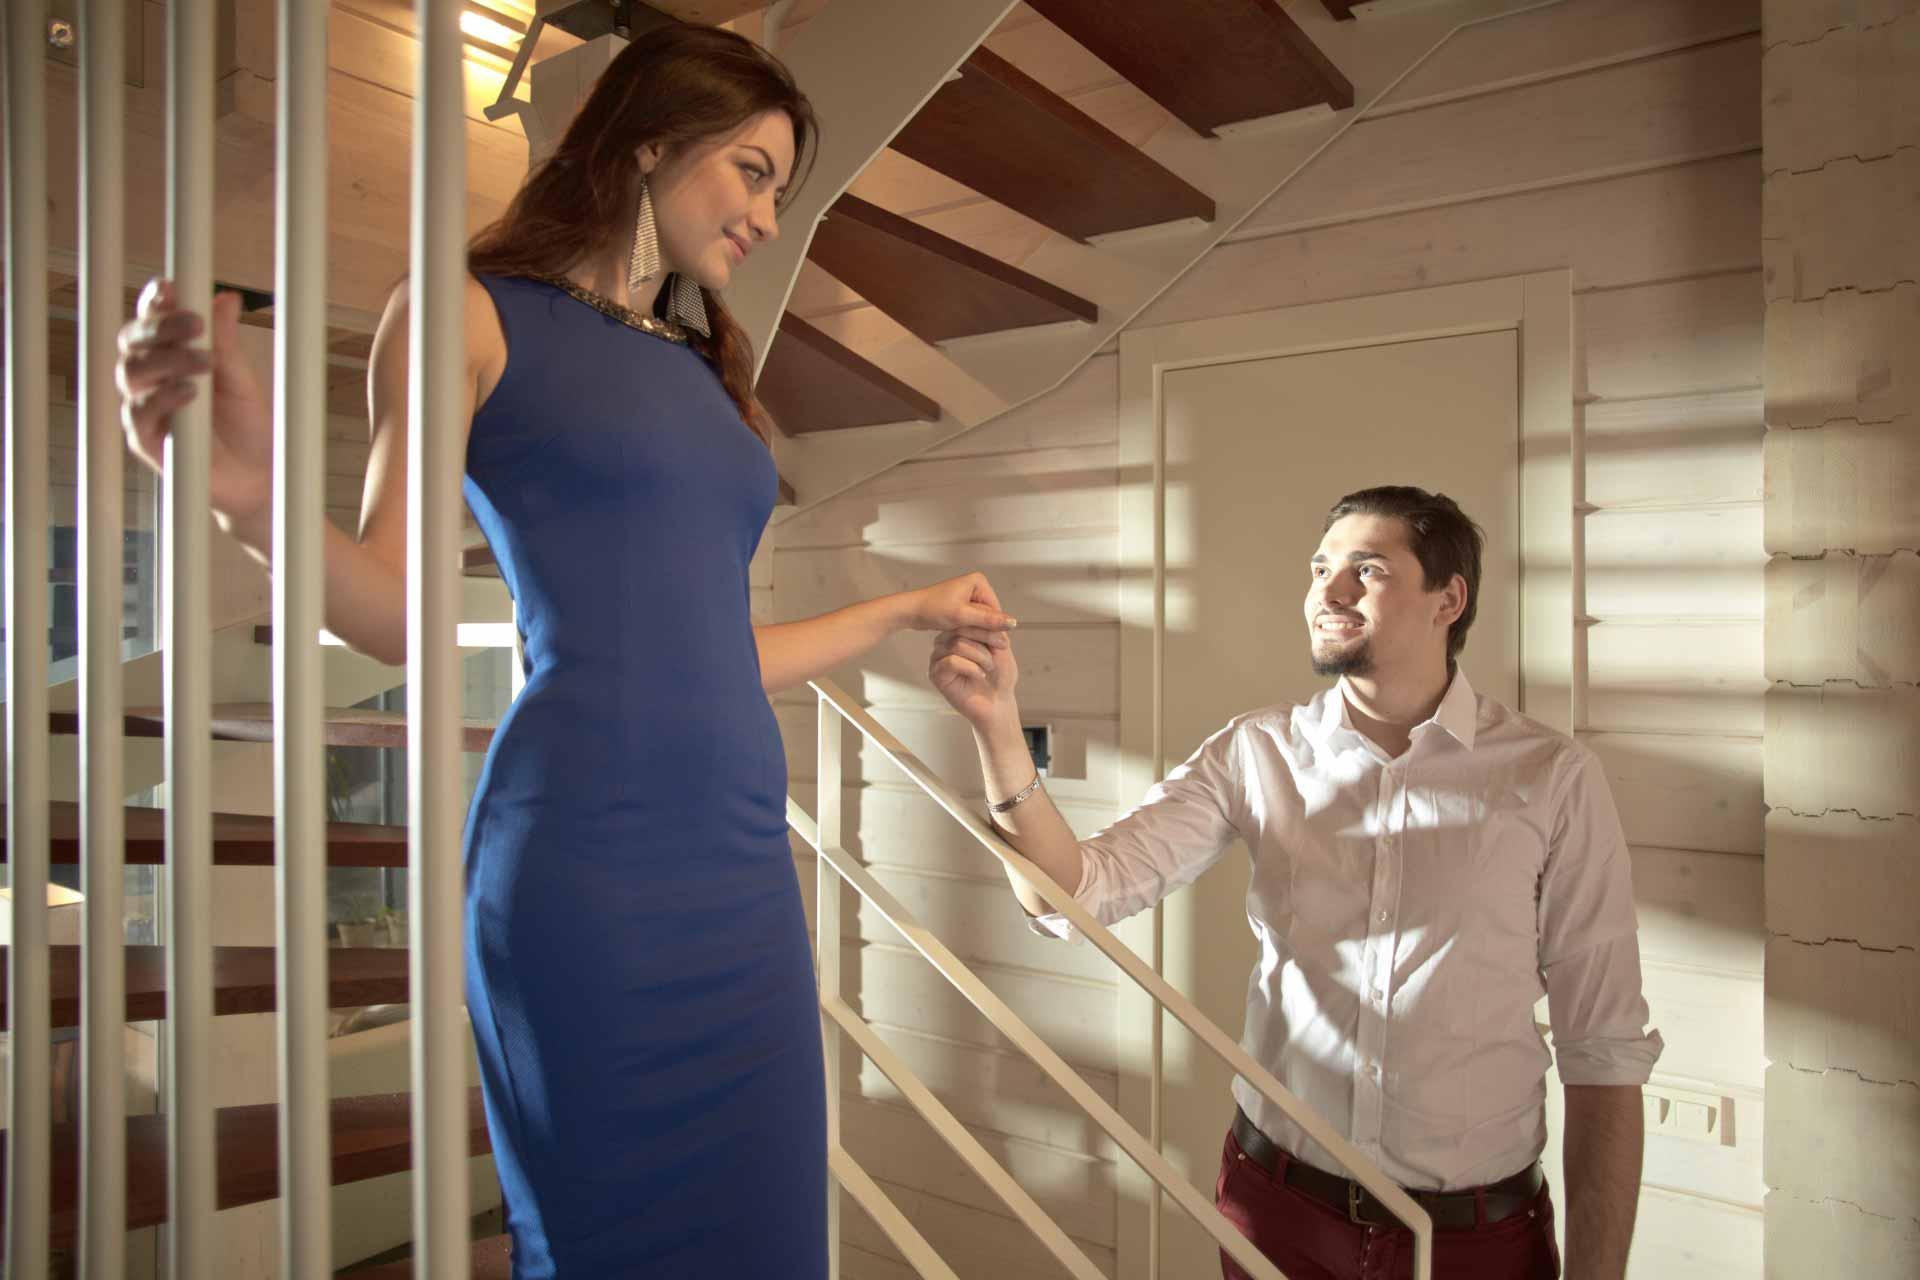 階段から降りる女性をエスコートする男性